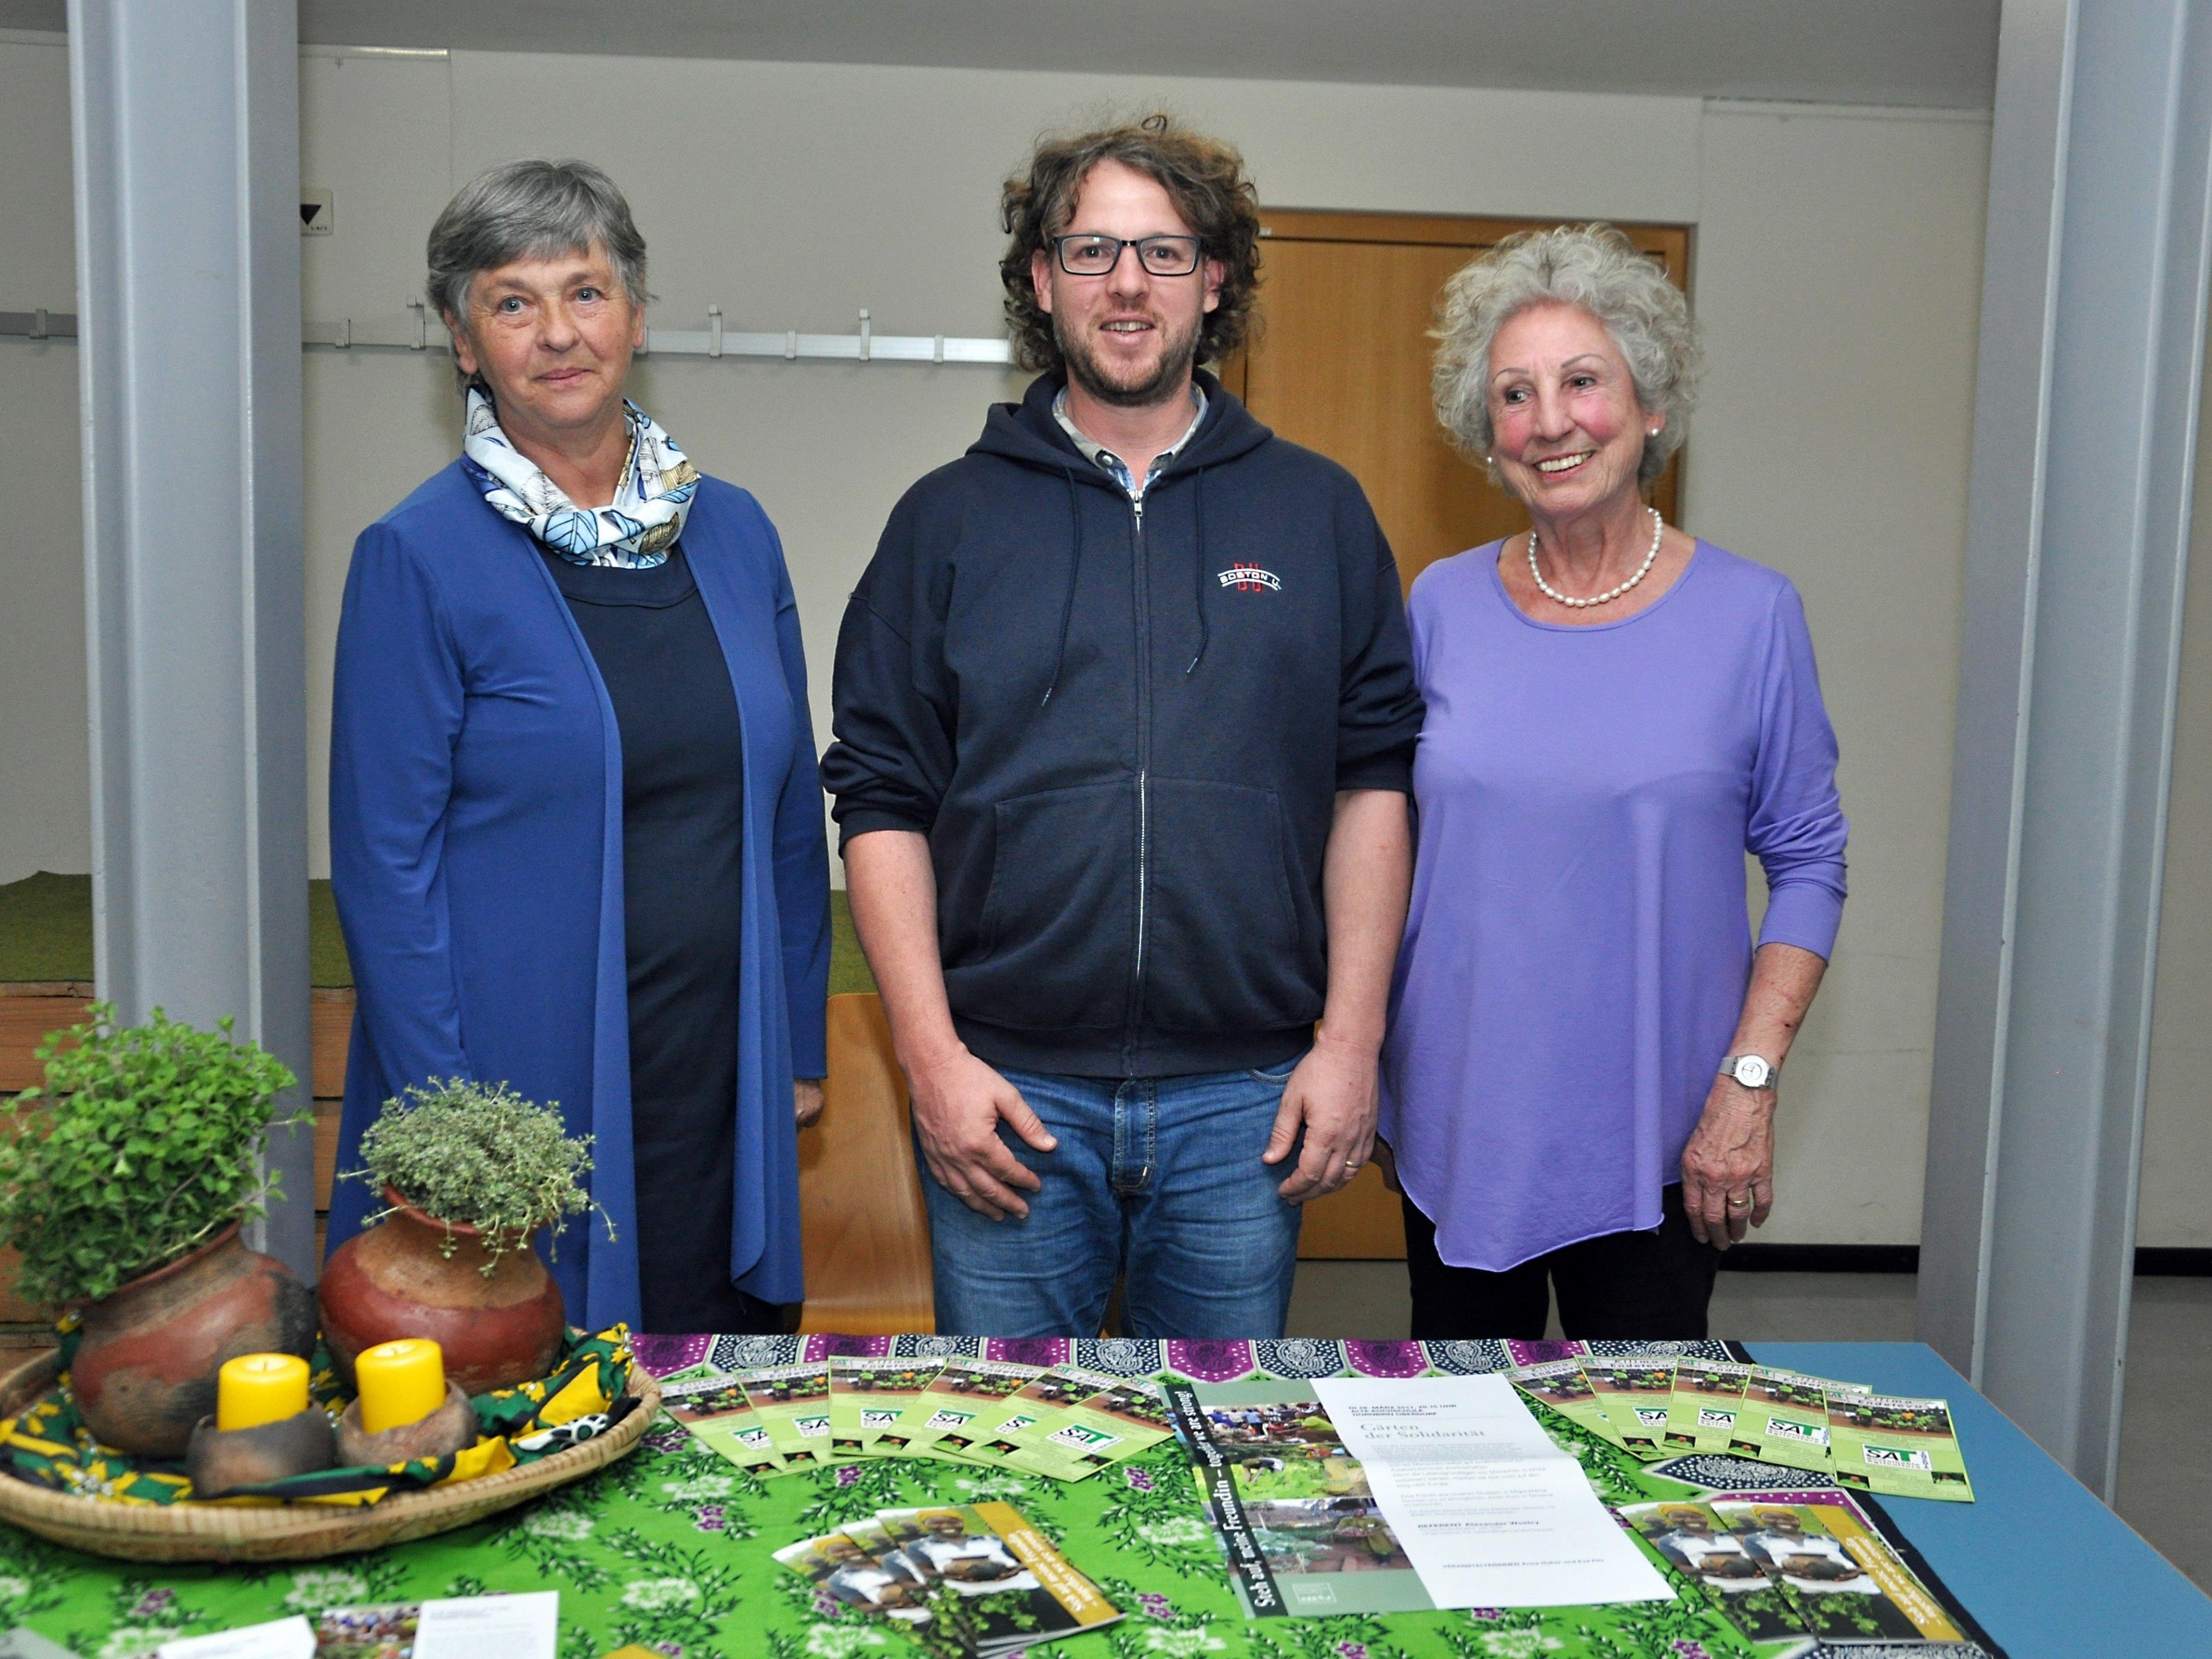 Der Referent mit den Veranstalterinnen Anna Huber und Eva Fitz.